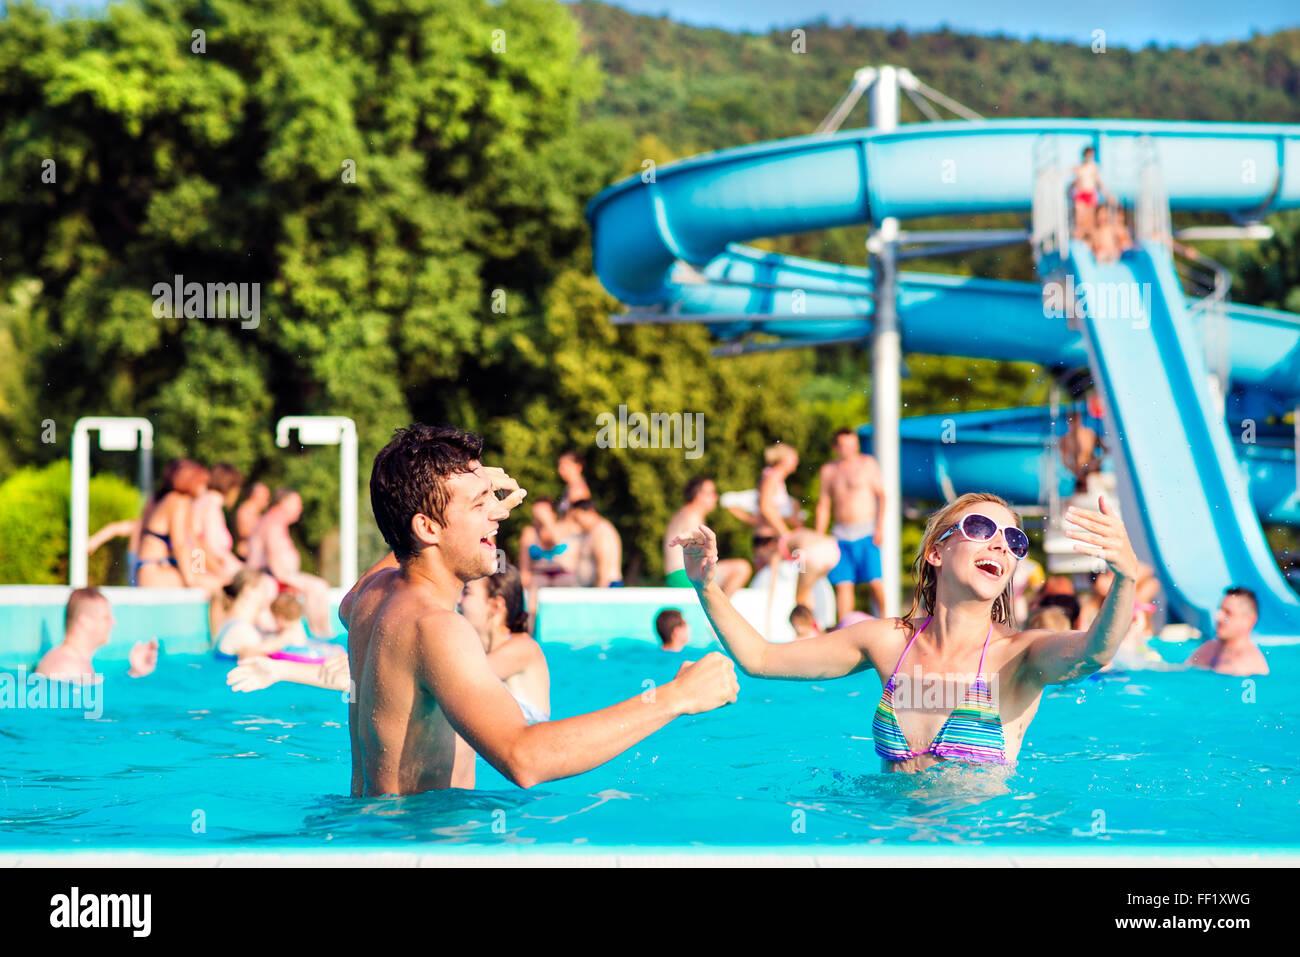 Junges Paar im Schwimmbad an sonnigen Tag. Wasserrutsche. Stockbild